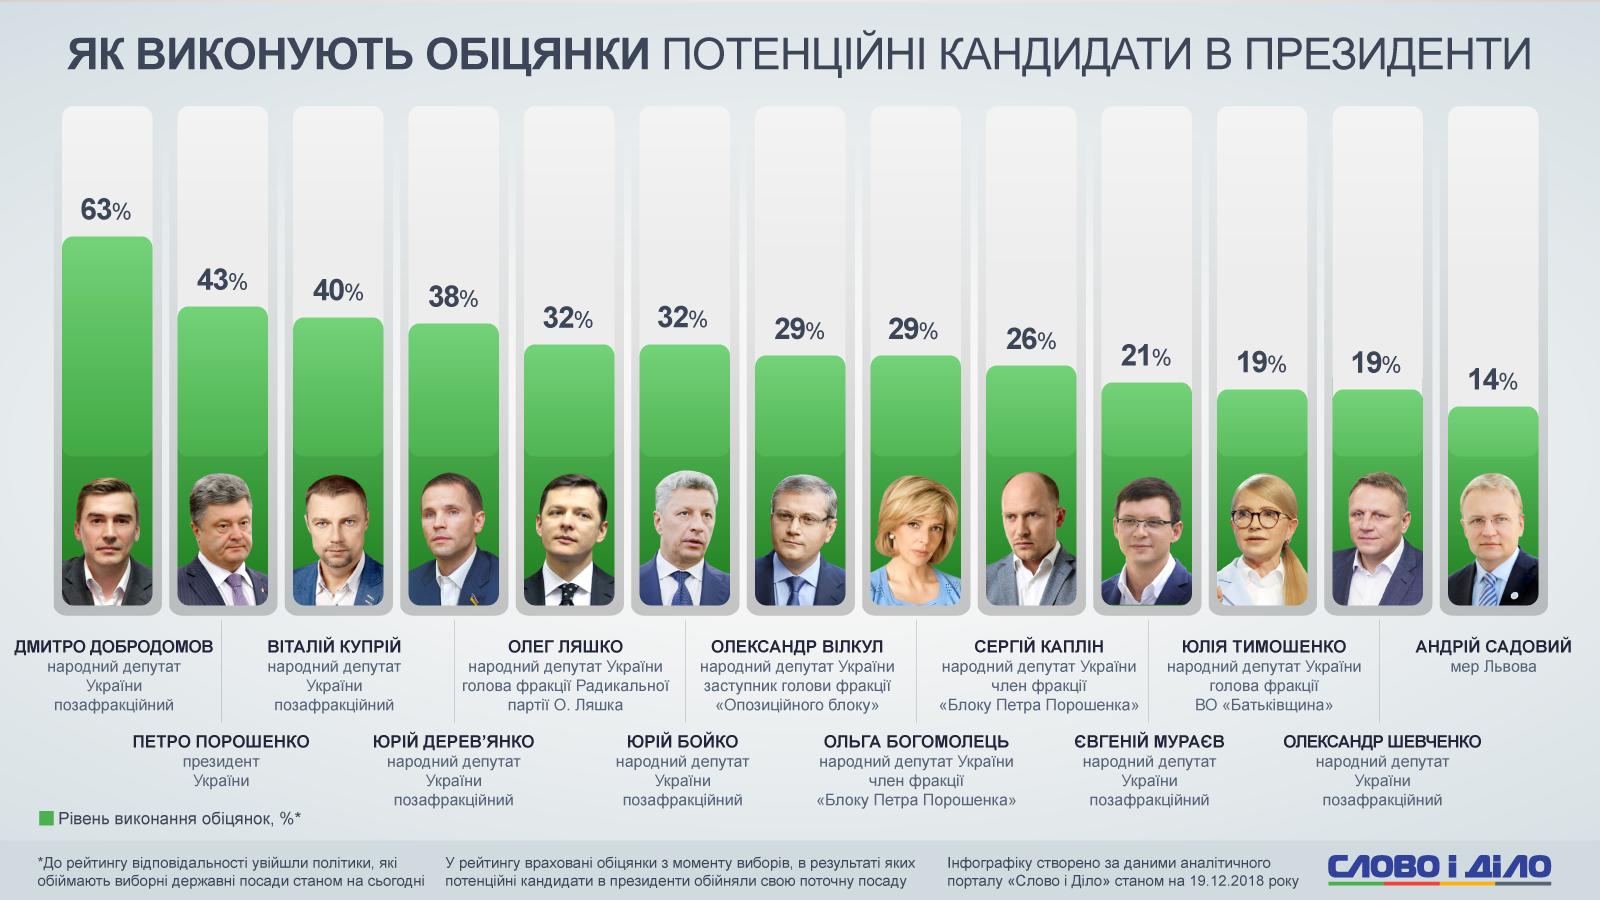 рейтинги кандидатів в президенты 2019 букмекеры